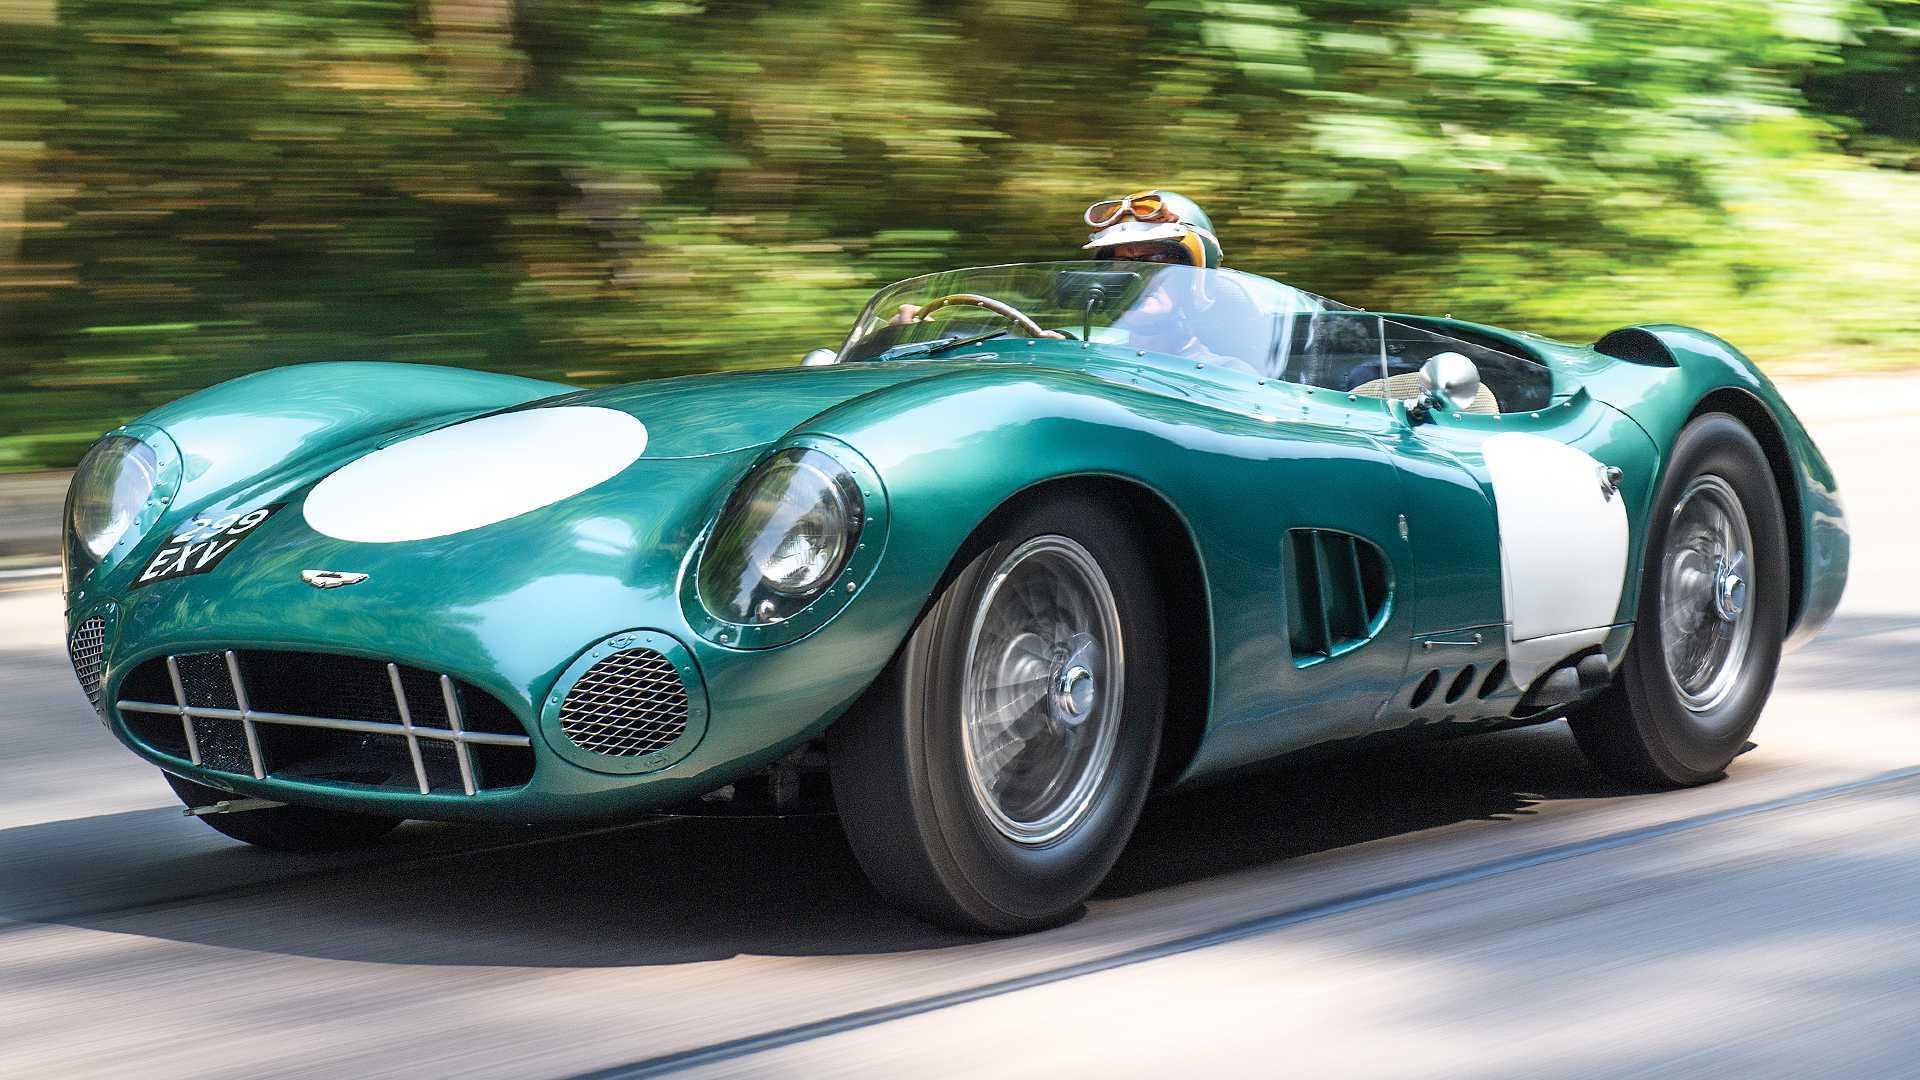 DIAPO - Découvrez la liste des dix voitures les plus chères au monde